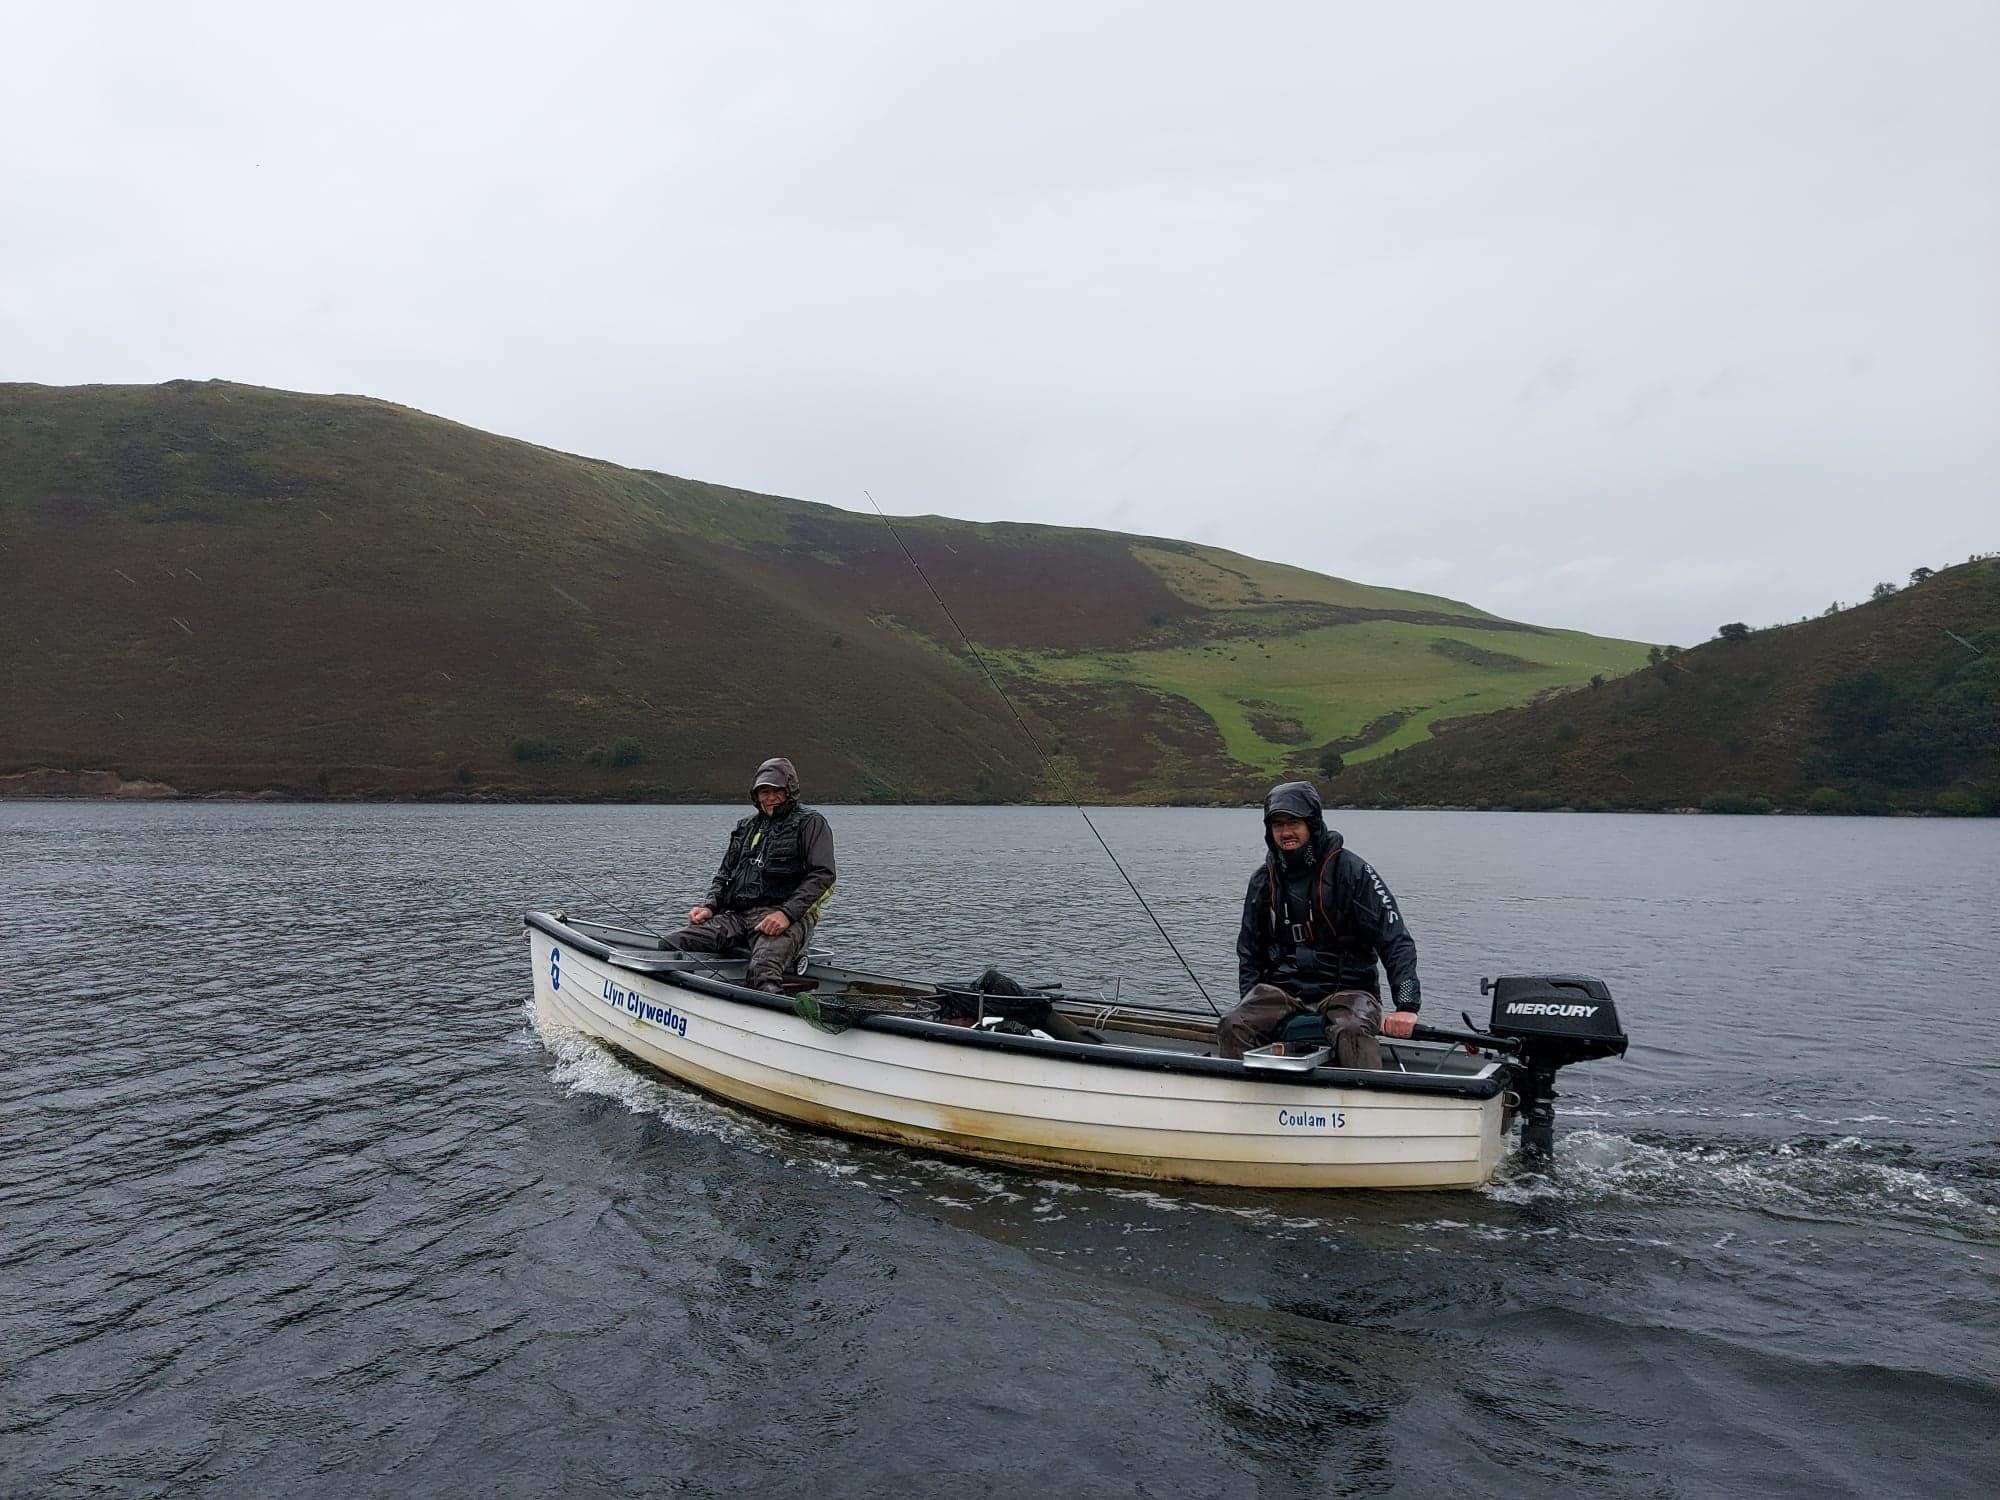 Llyn Cywedog trout fishing